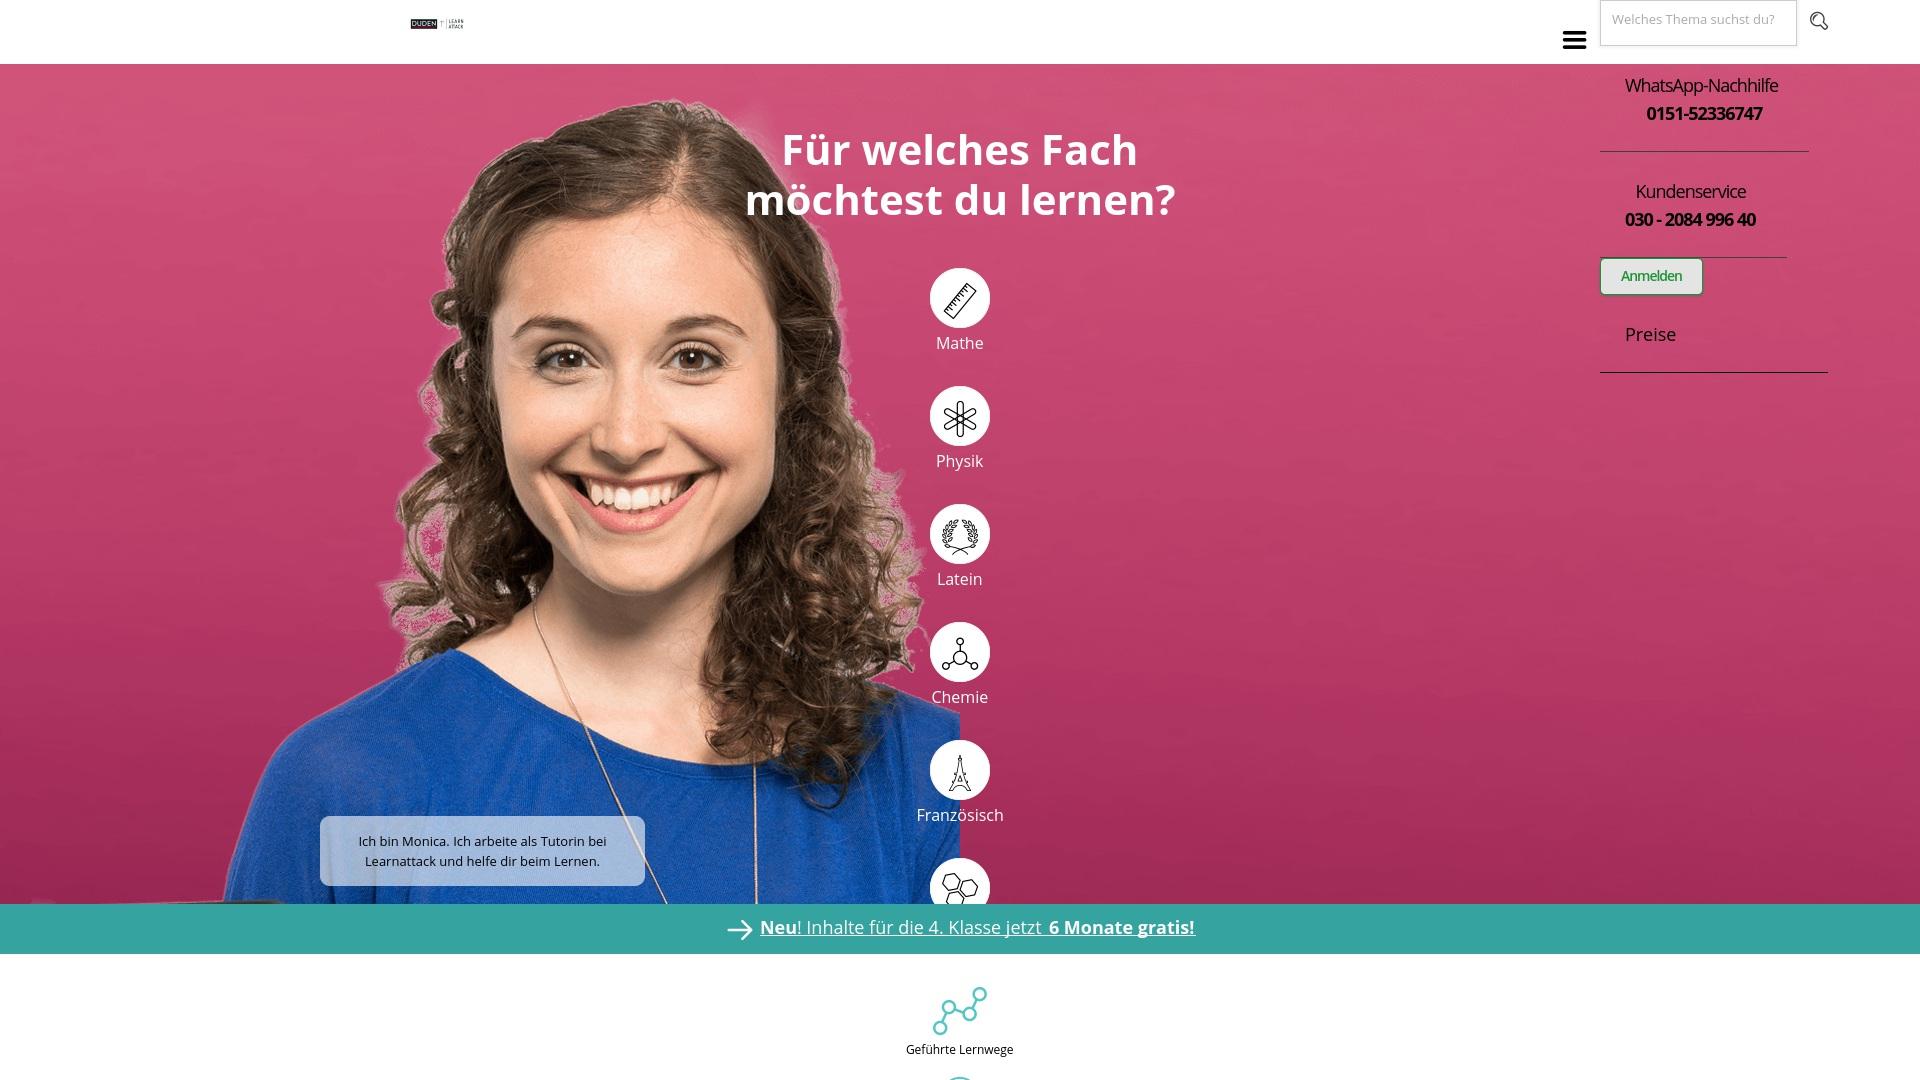 Gutschein für Learnattack: Rabatte für  Learnattack sichern